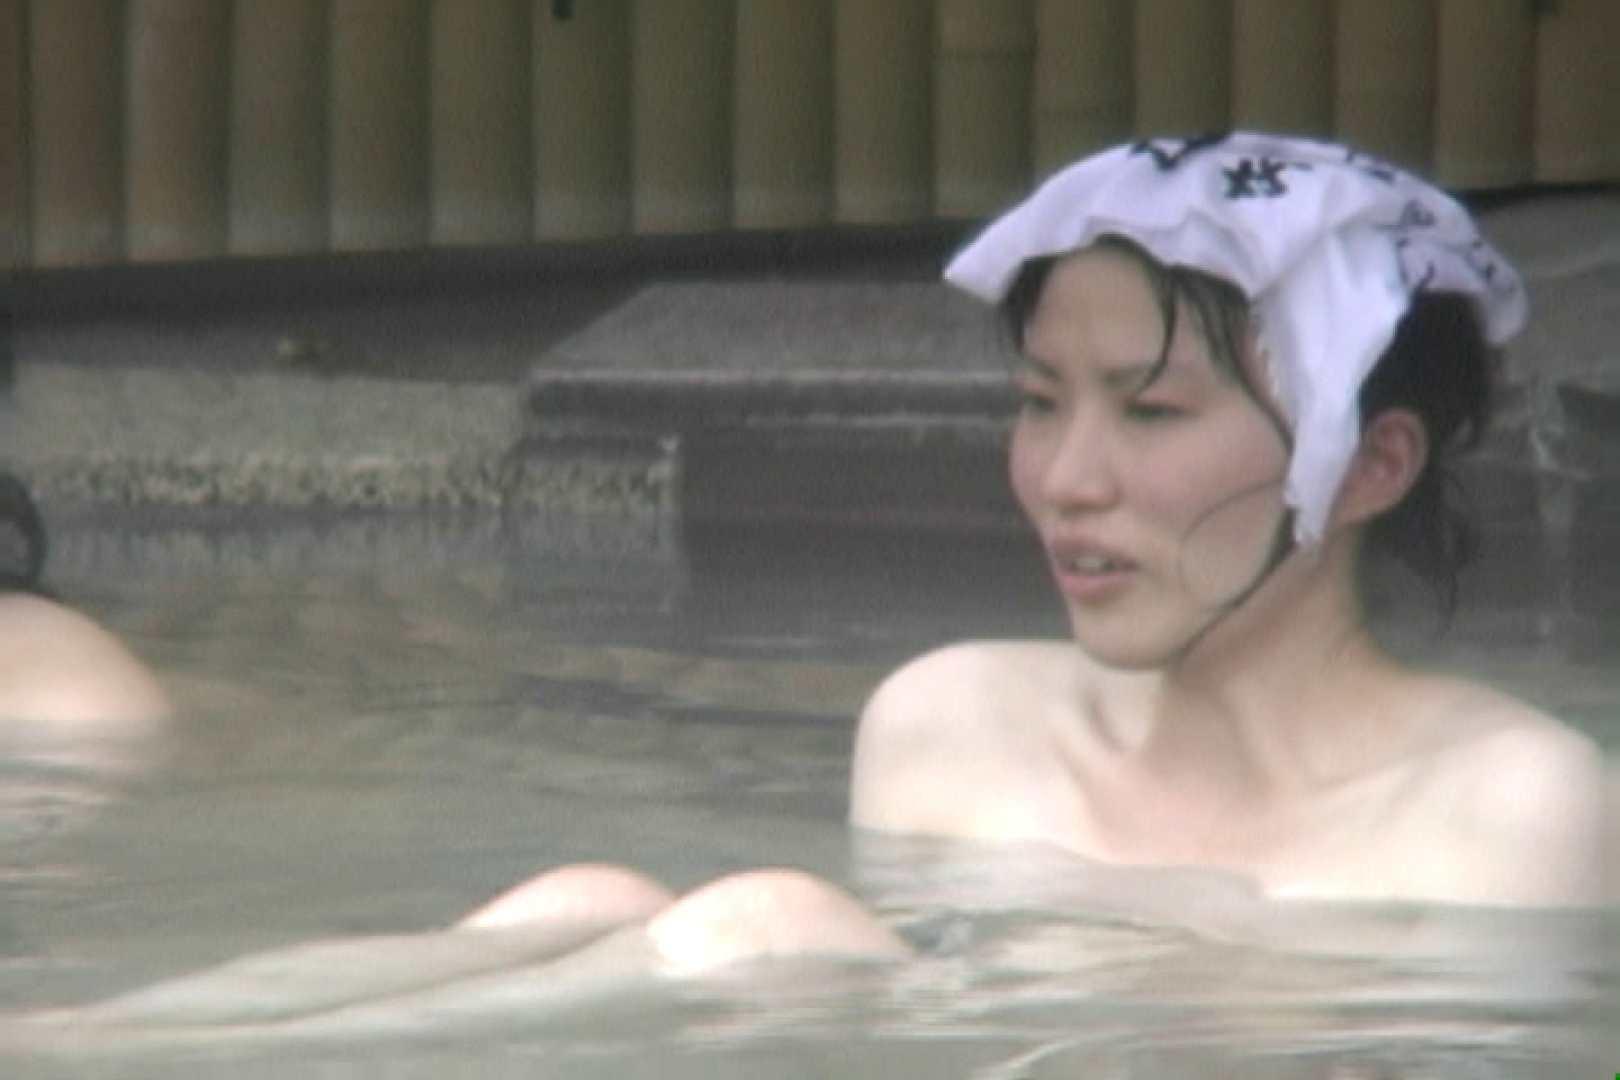 高画質露天女風呂観察 vol.013 乙女のカラダ   OLのプライベート  11pic 8